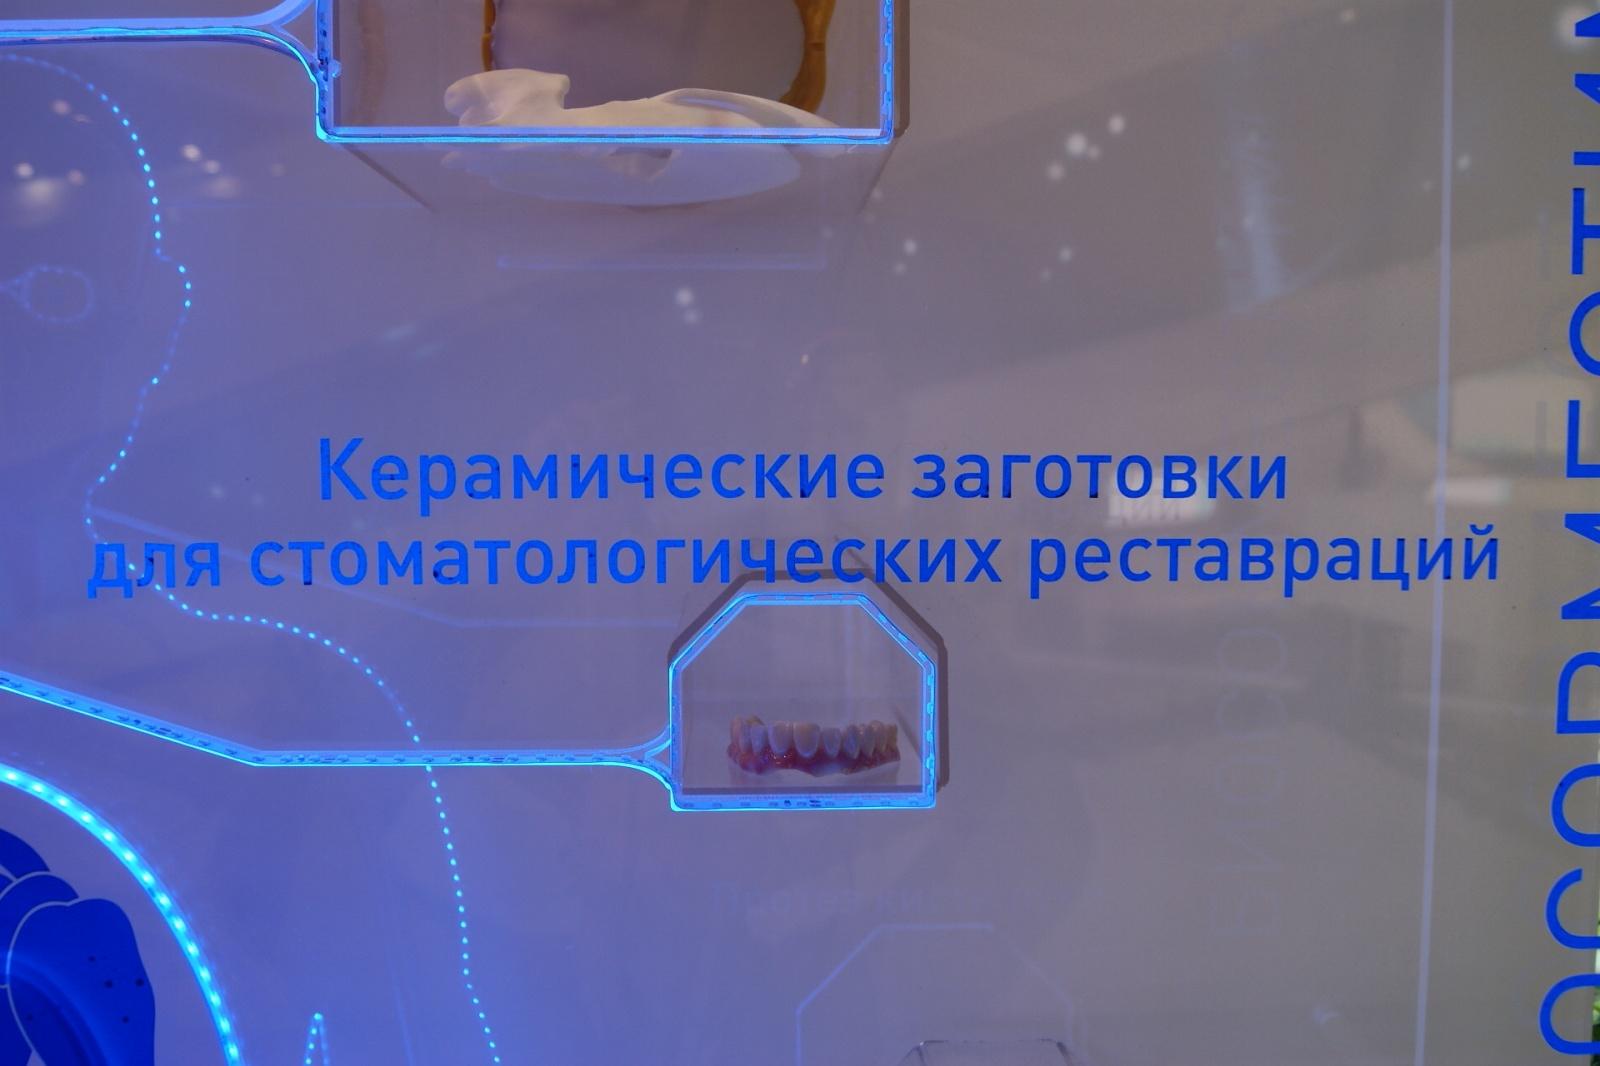 Обзор форума «Открытые инновации» - 10